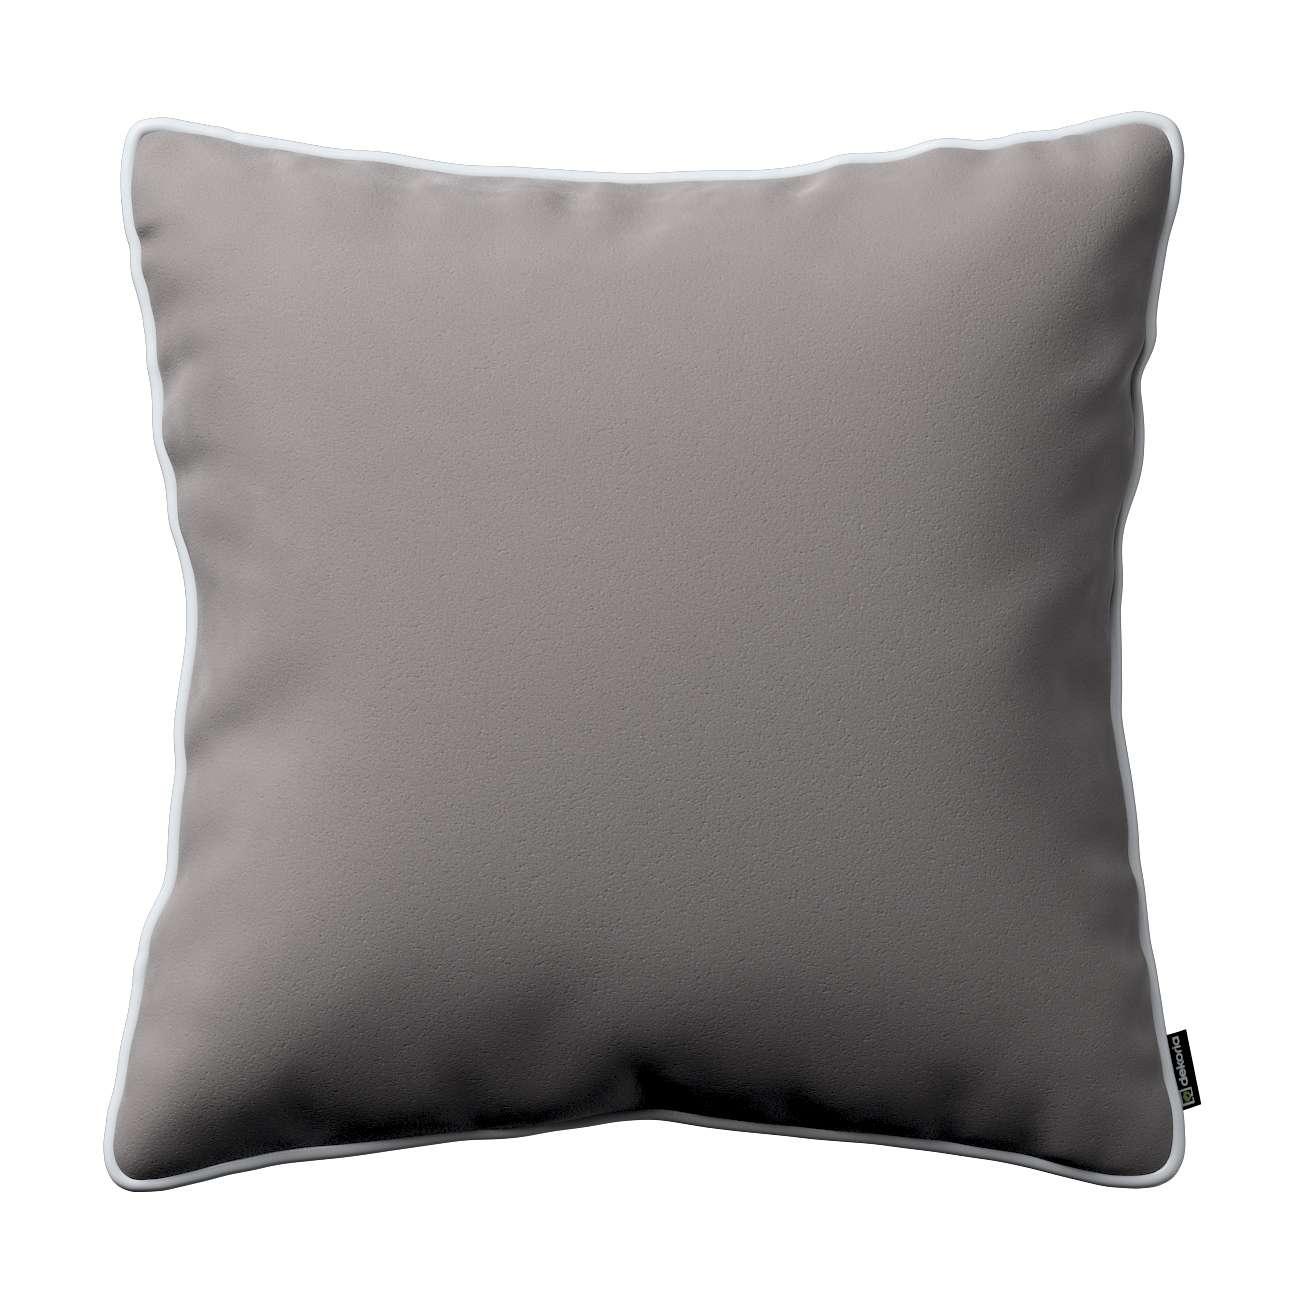 Poszewka Laura na poduszkę w kolekcji Velvet, tkanina: 704-11